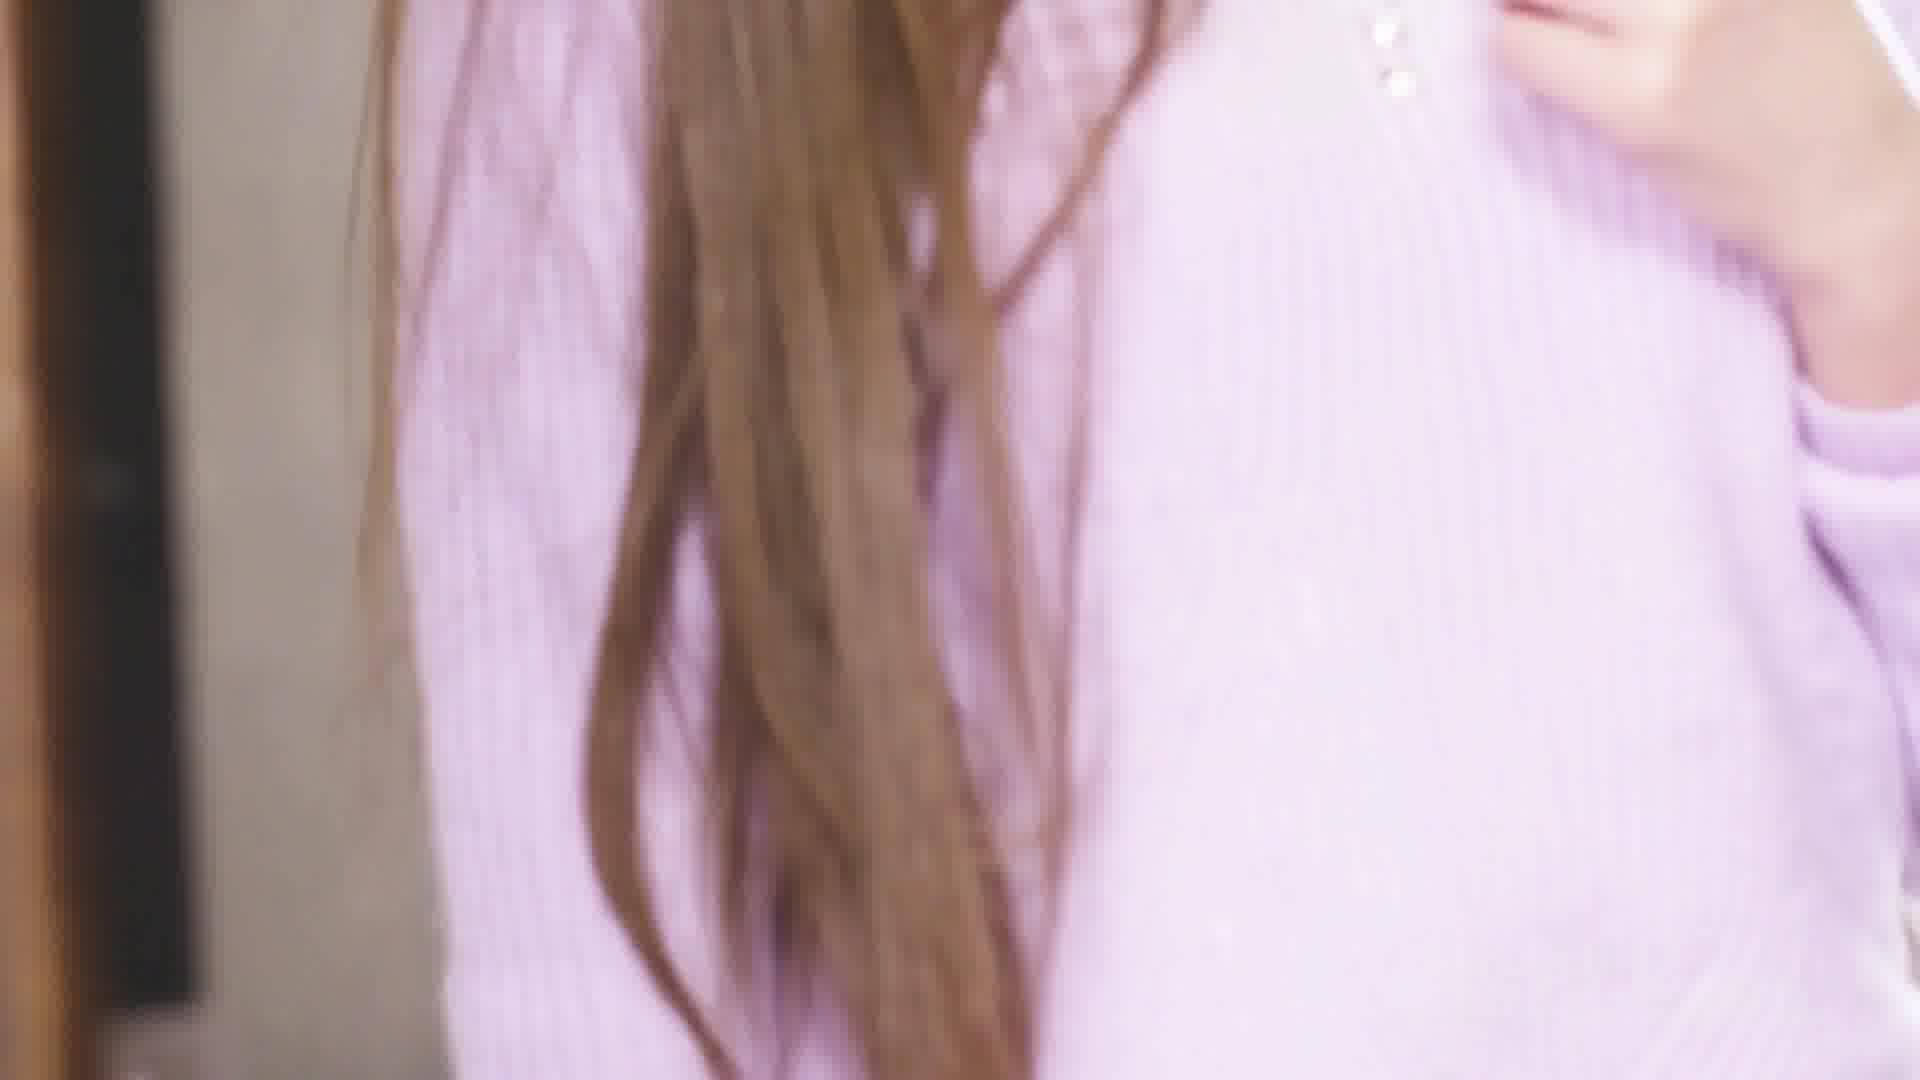 安城アンナのおねだりルームシェア - 安城アンナ【痴女・潮吹き・パイパン】